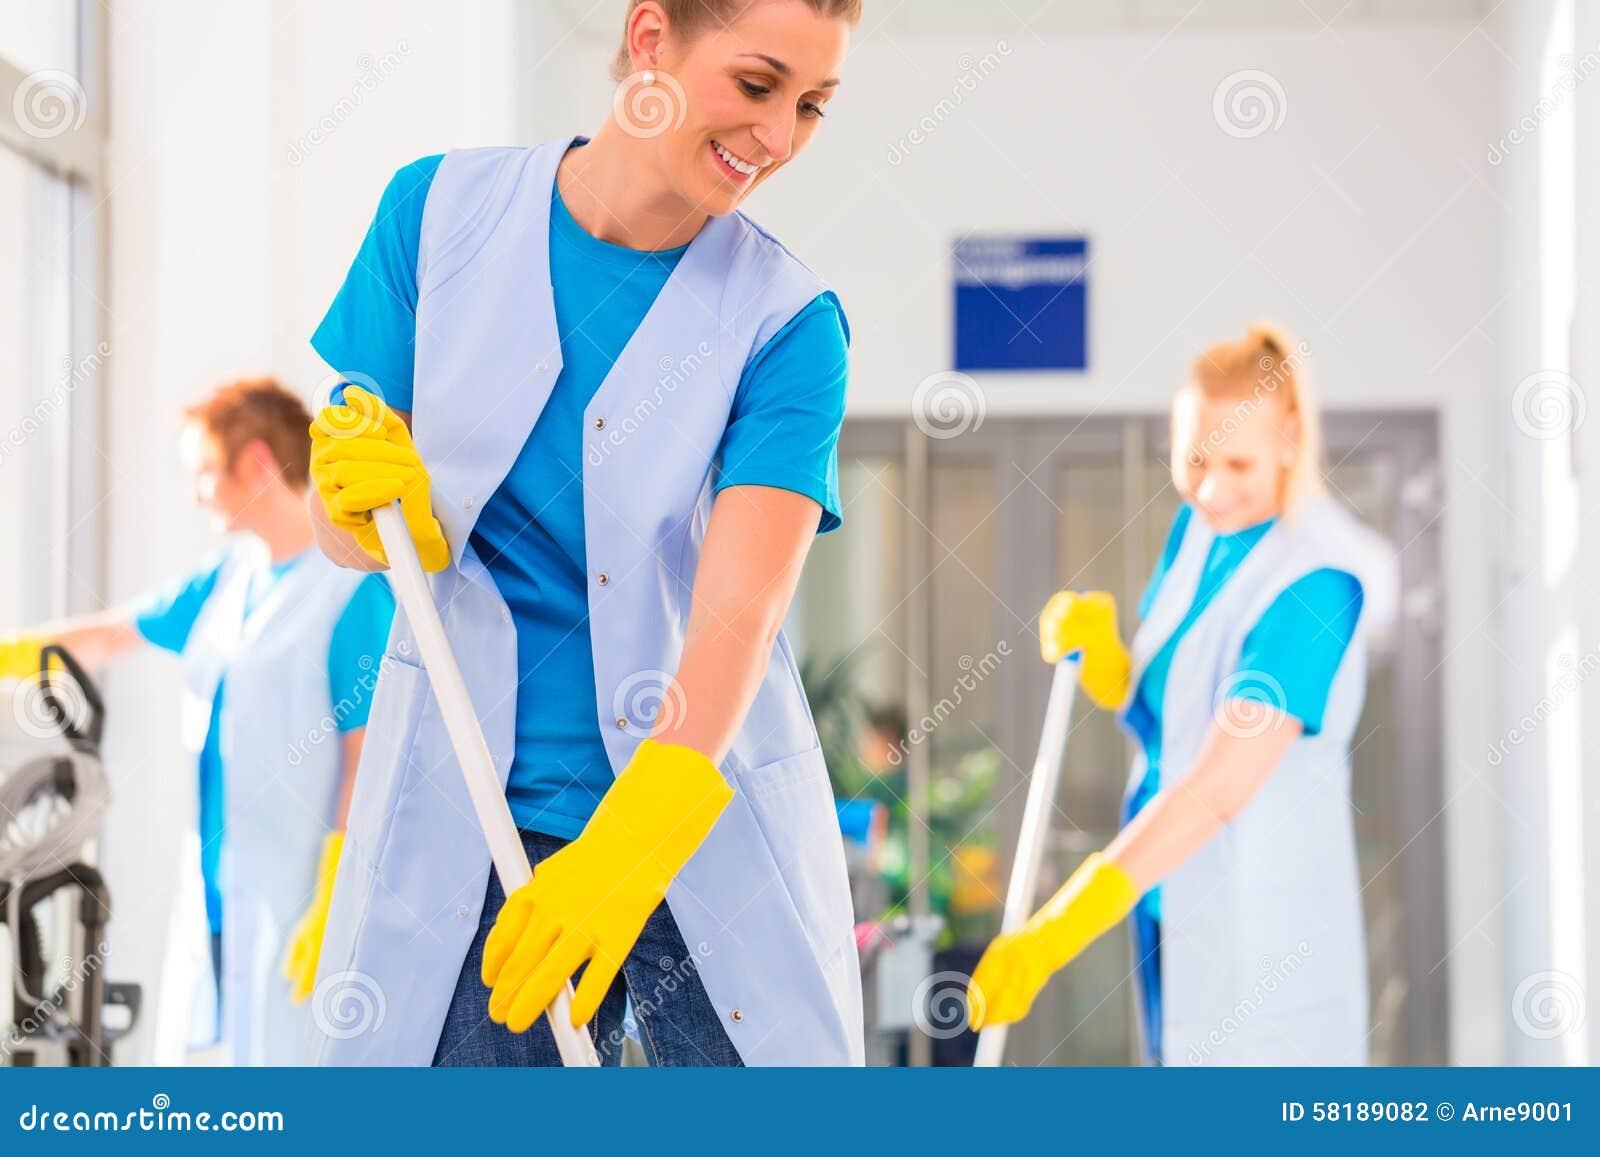 商业清洁旅团工作